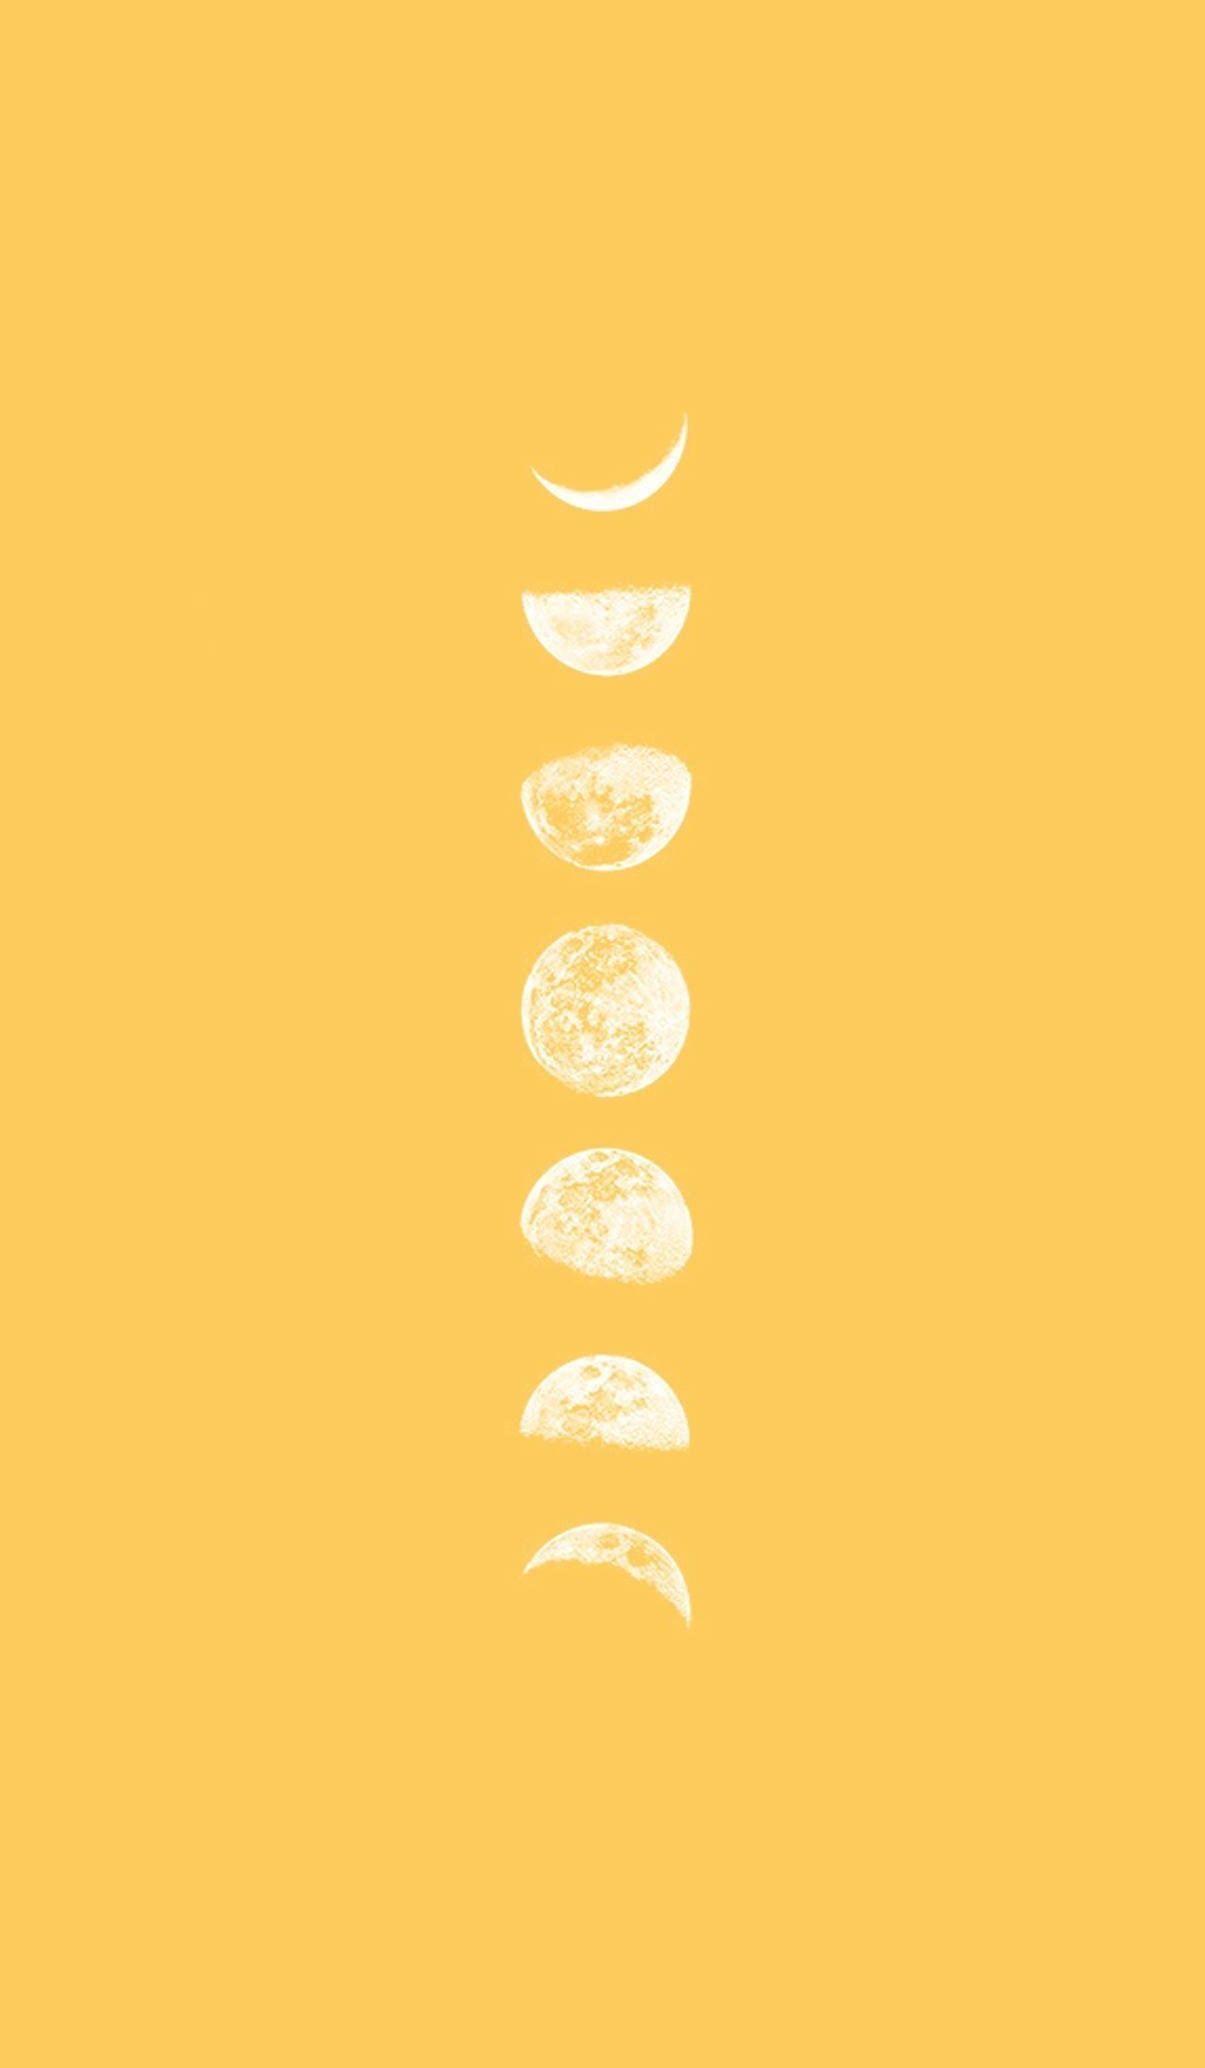 #ästhetische # Tapete #gelbe #gelbe Tapete 35 Gelbe ästhetische Tapete Sie sind an der richtigen